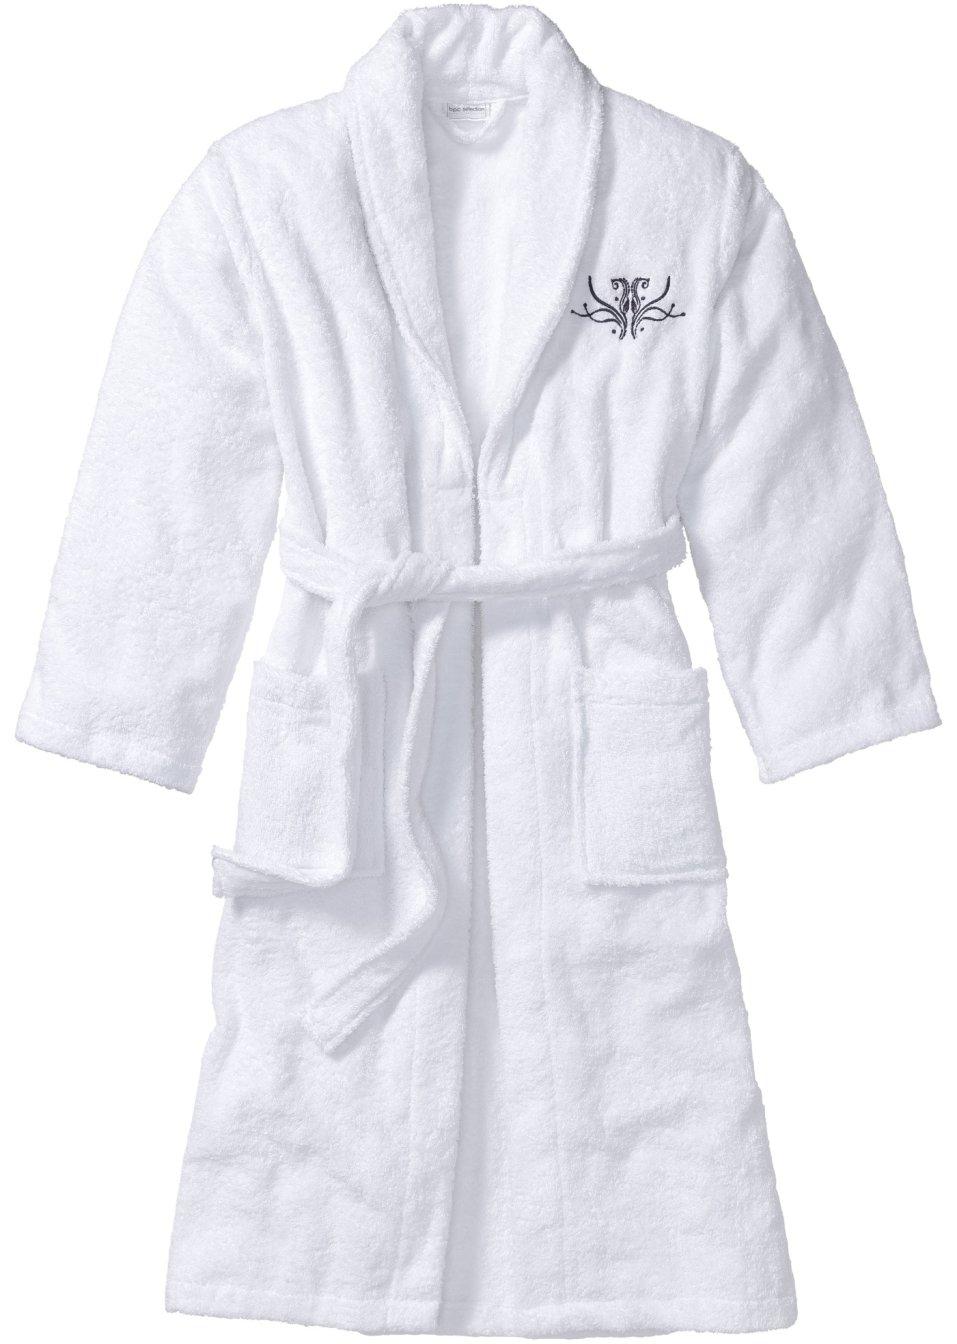 peignoir de bain blanc lingerie bpc selection. Black Bedroom Furniture Sets. Home Design Ideas